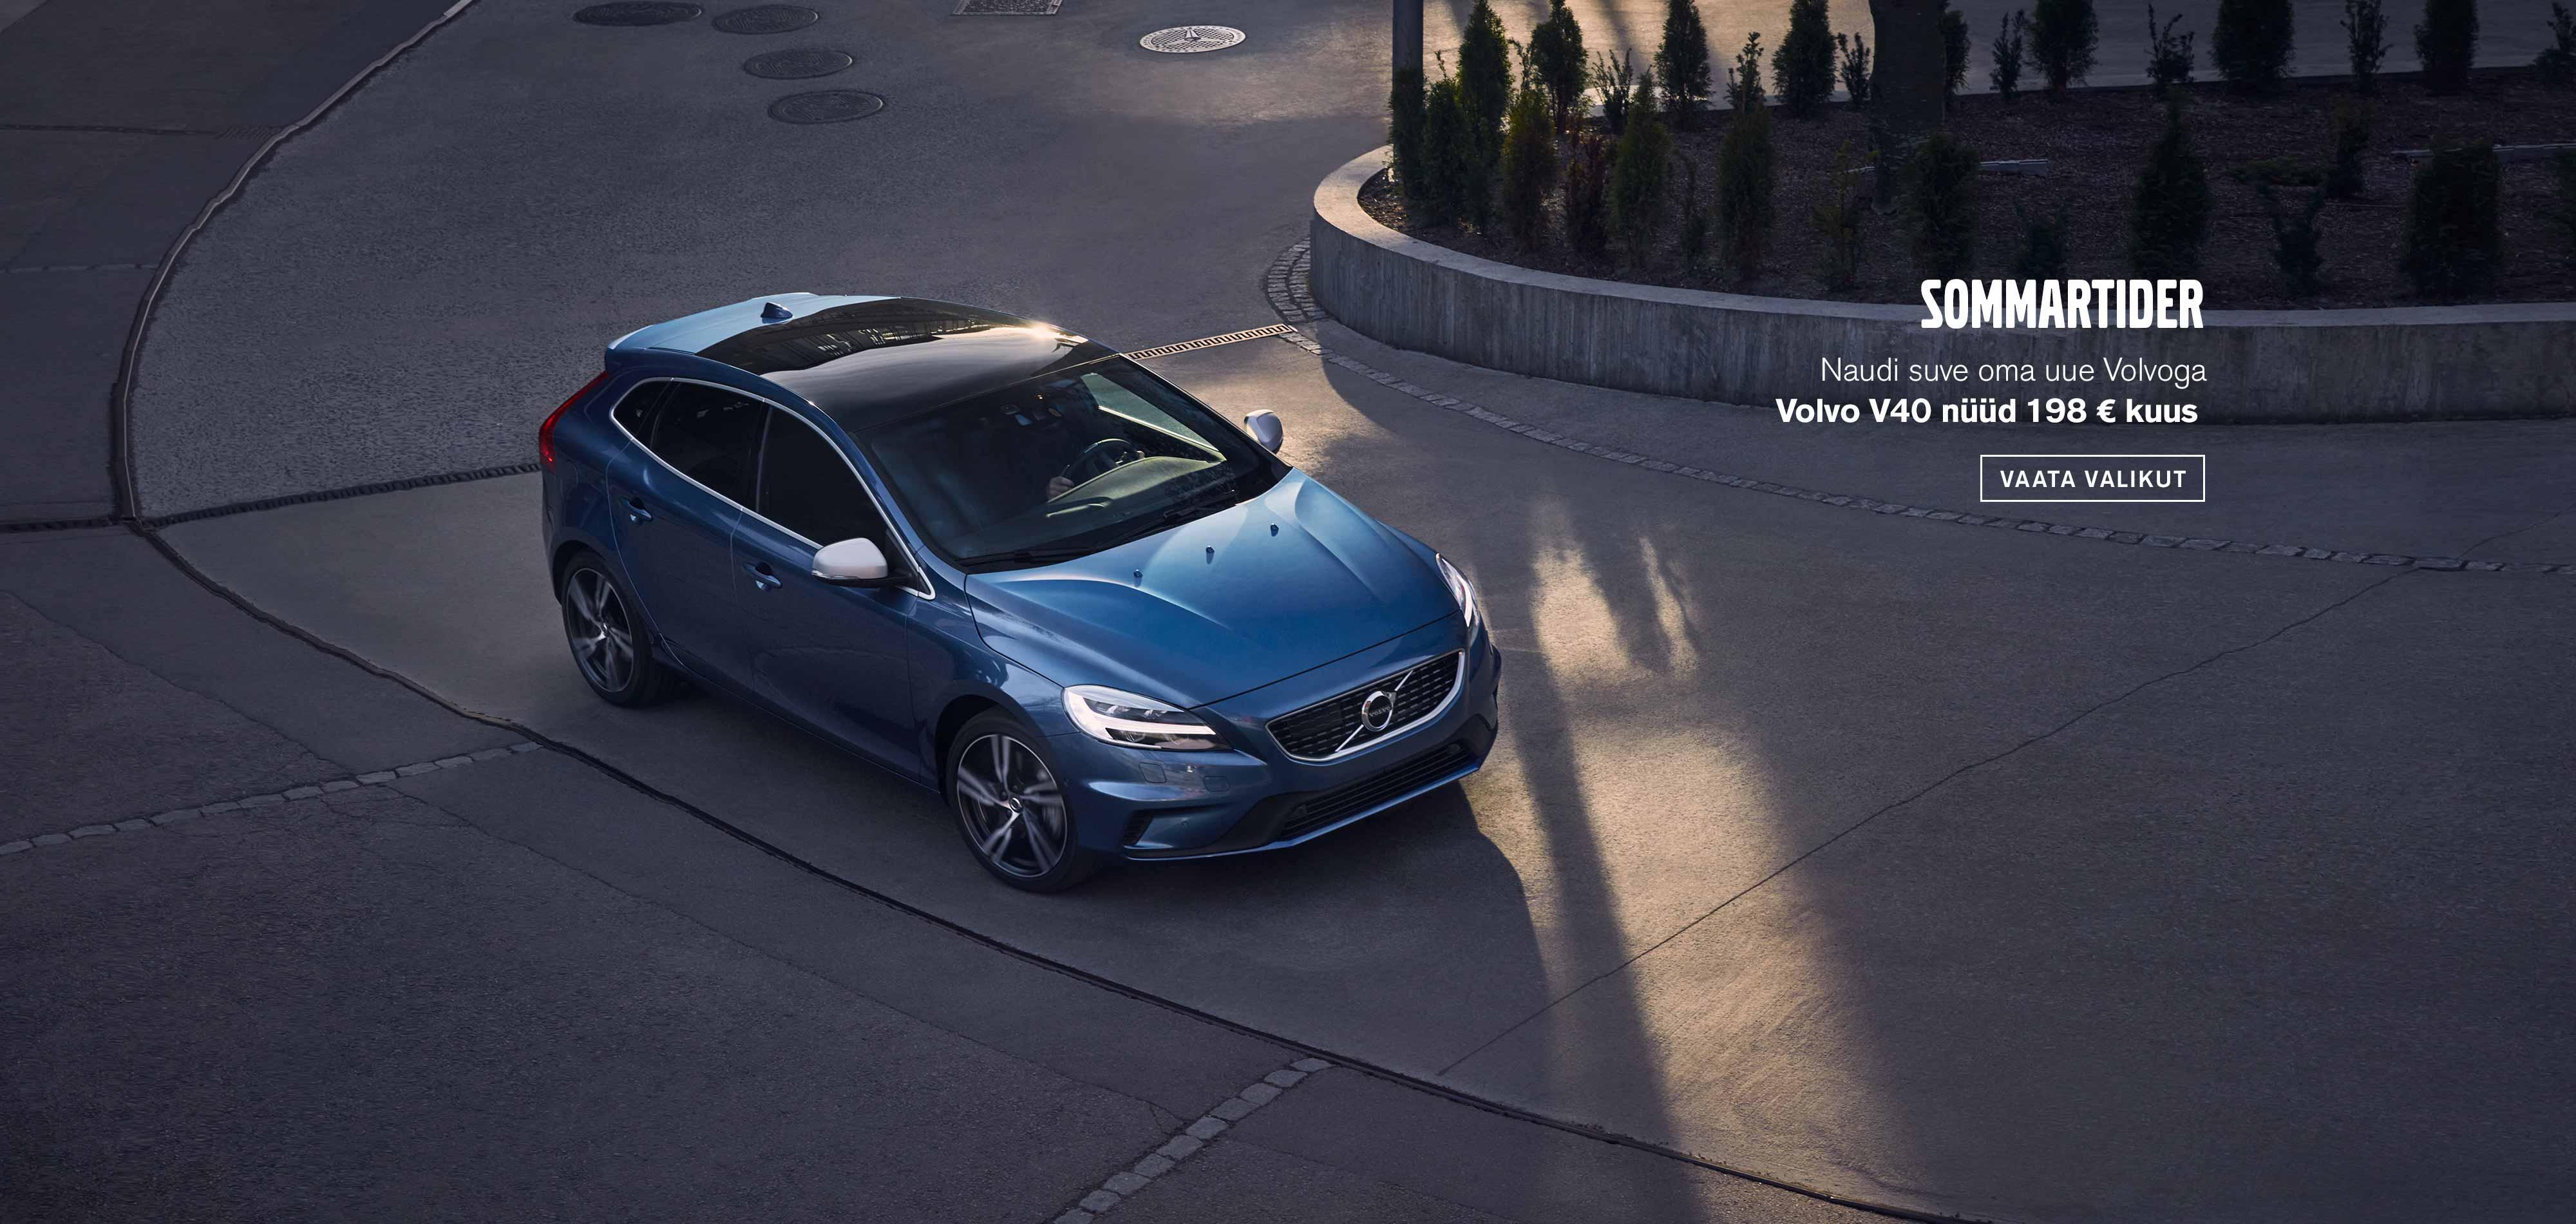 Sommartider - Volvo V40 suvised sooduspakkumised